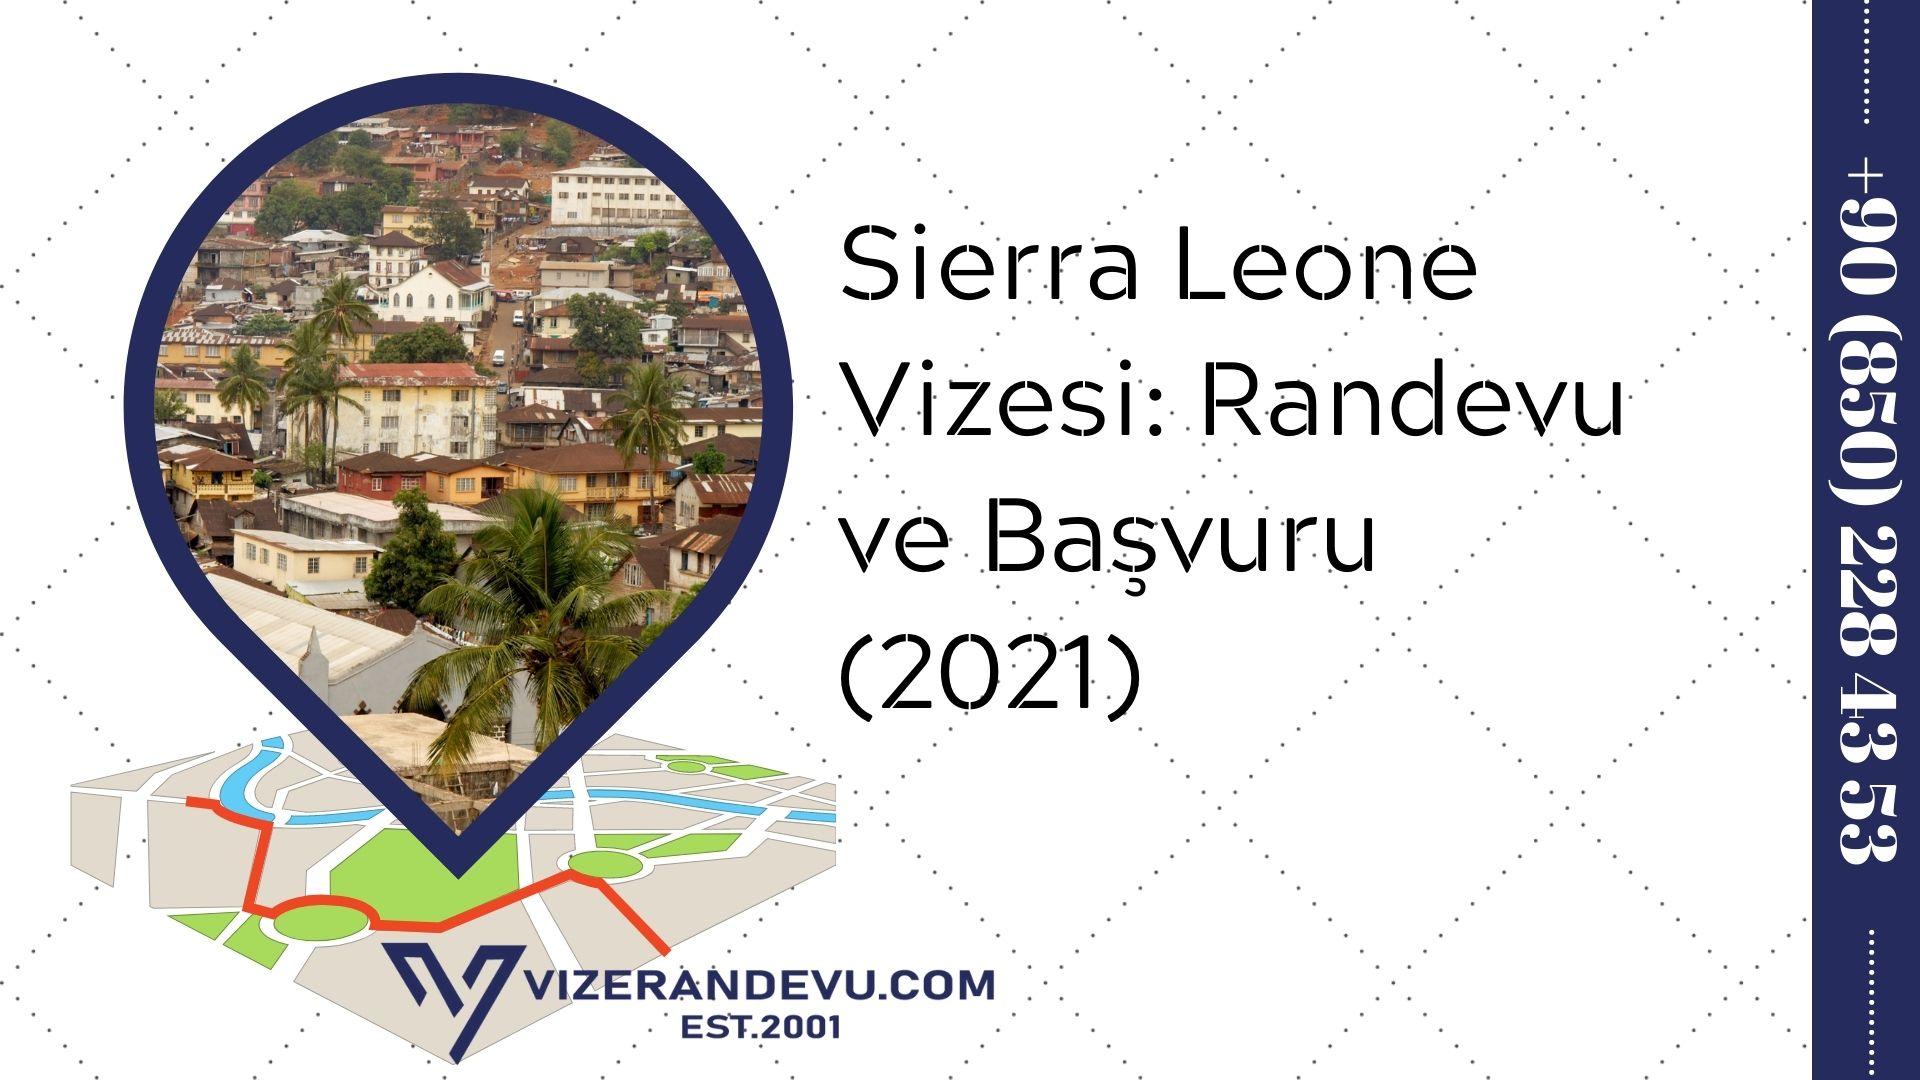 Sierra Leone Vizesi: Randevu ve Başvuru (2021)